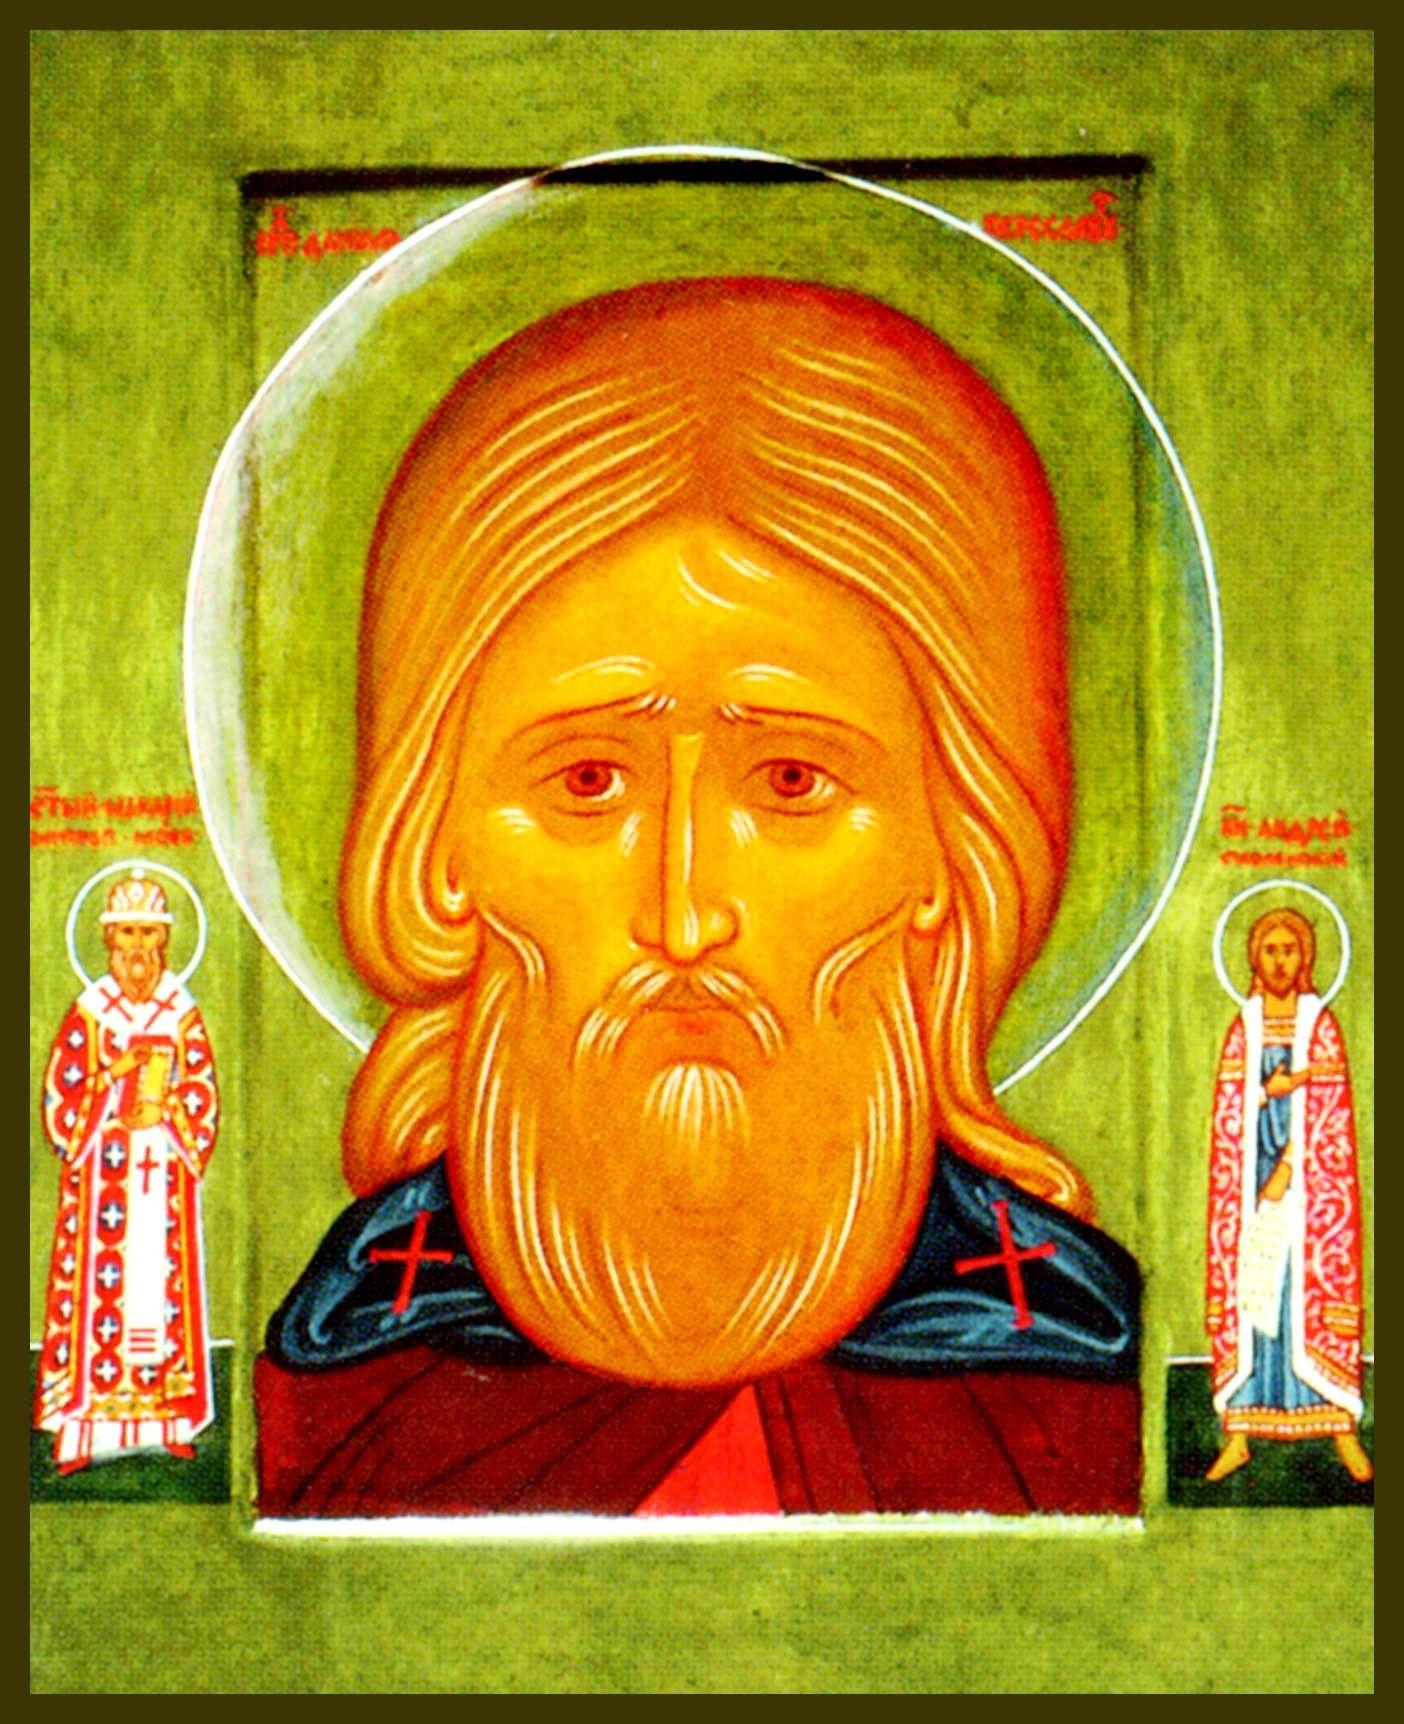 Преподобний Даниїл шанується церквою як святий